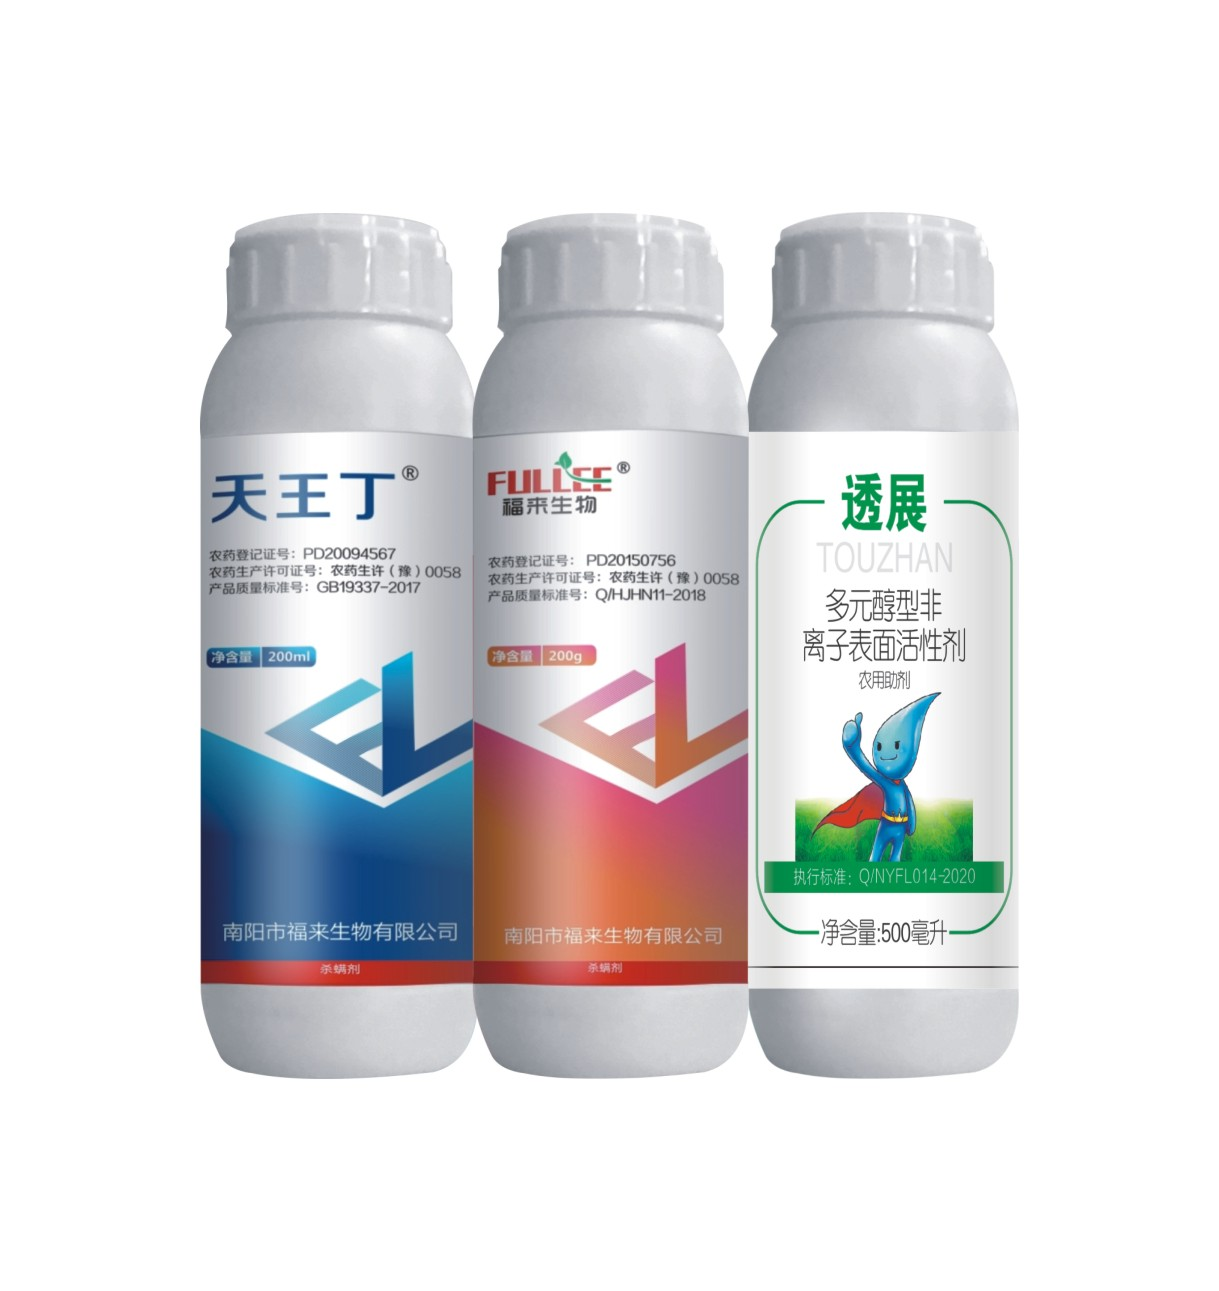 阿維菌素+螺螨酯+透展助劑